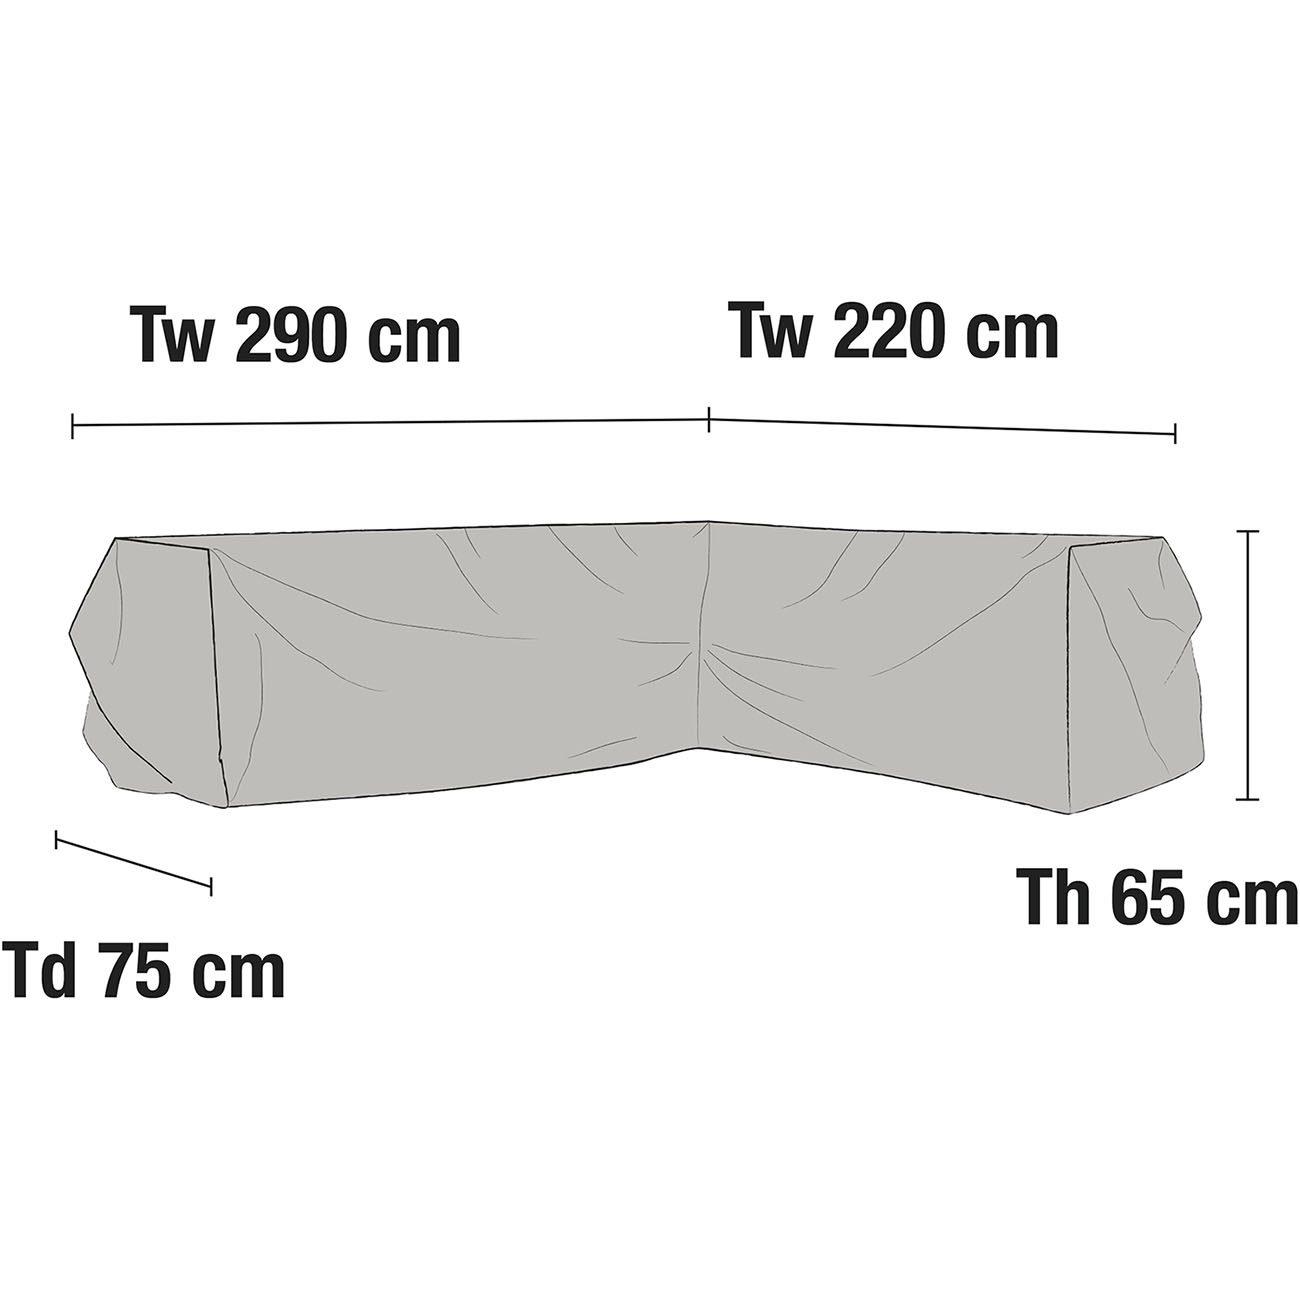 Skiss på hörnsoffskydd 1221-7 från Brafab.